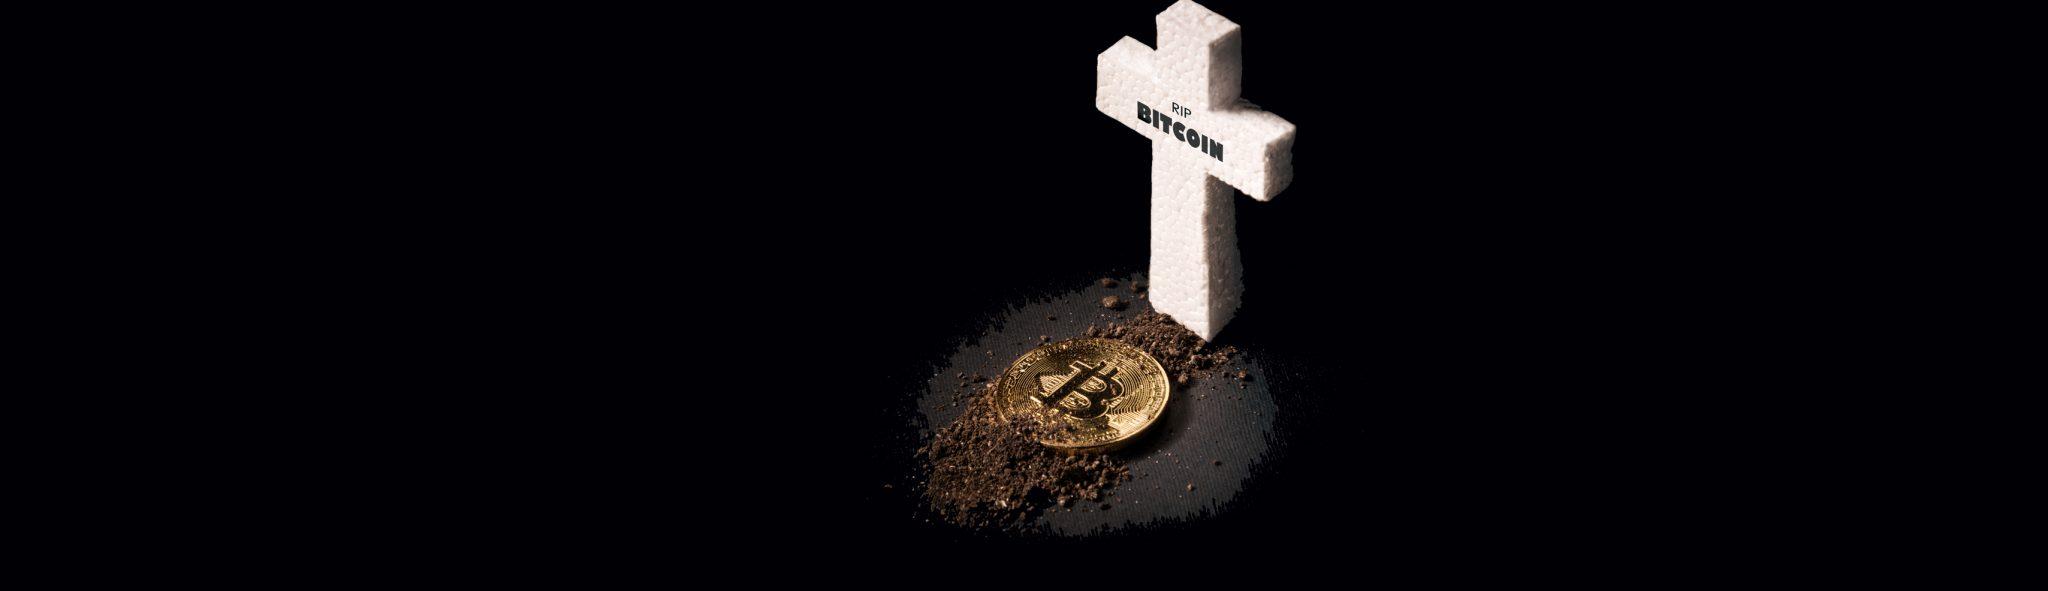 Survei: 89% investor Khawatir Tentang Kehilangan Crypto Mereka Saat Meninggal